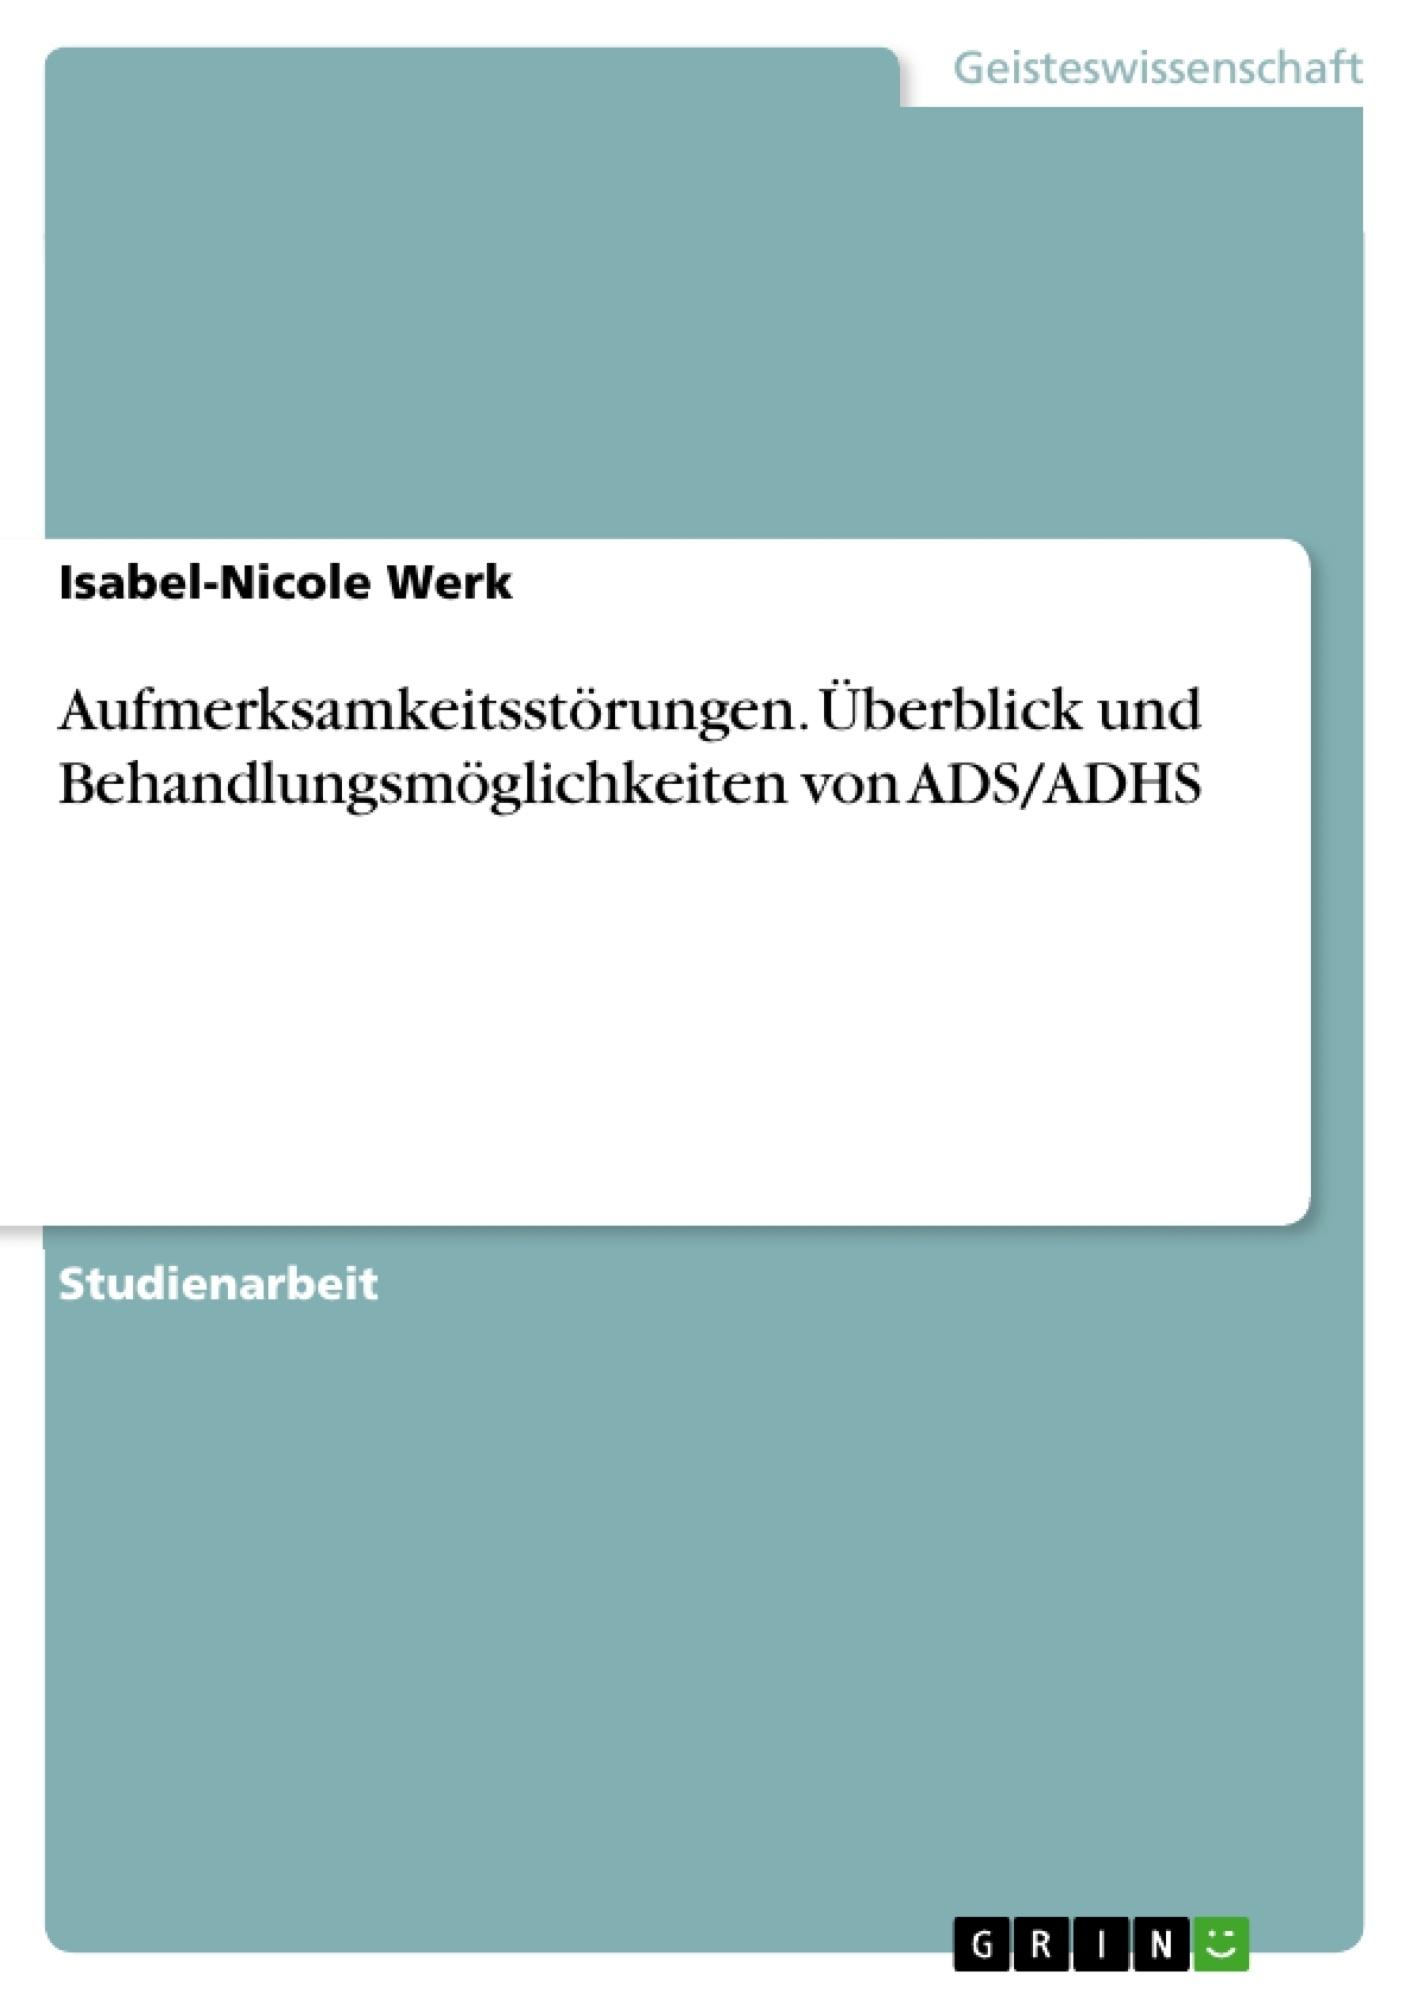 Titel: Aufmerksamkeitsstörungen. Überblick und Behandlungsmöglichkeiten von ADS/ADHS